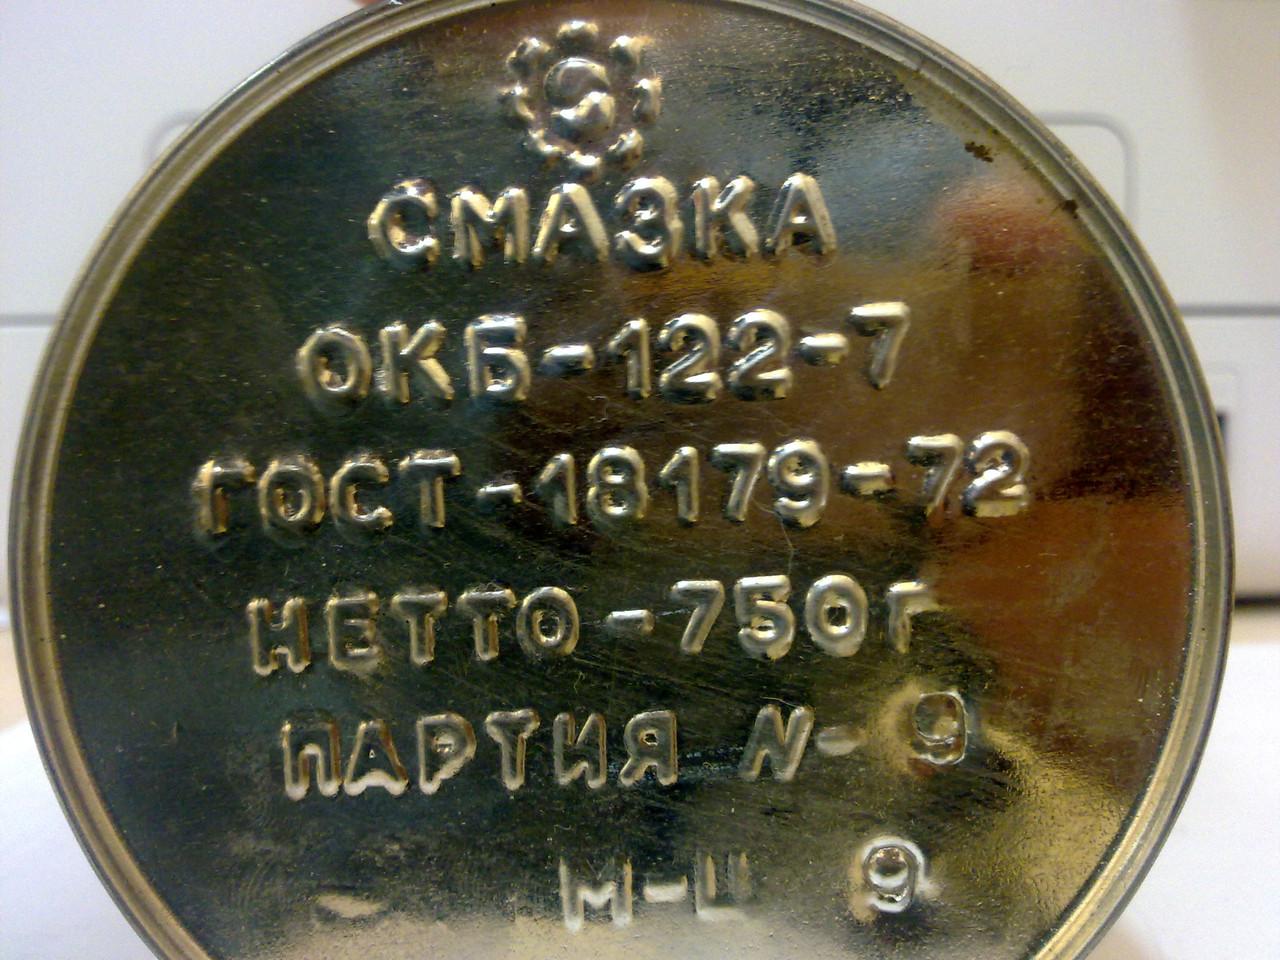 """Смазка ОКБ-122-7 - ТОВ """"СПЕЦСЕРВІС УКРАЇНА"""" в Киеве"""